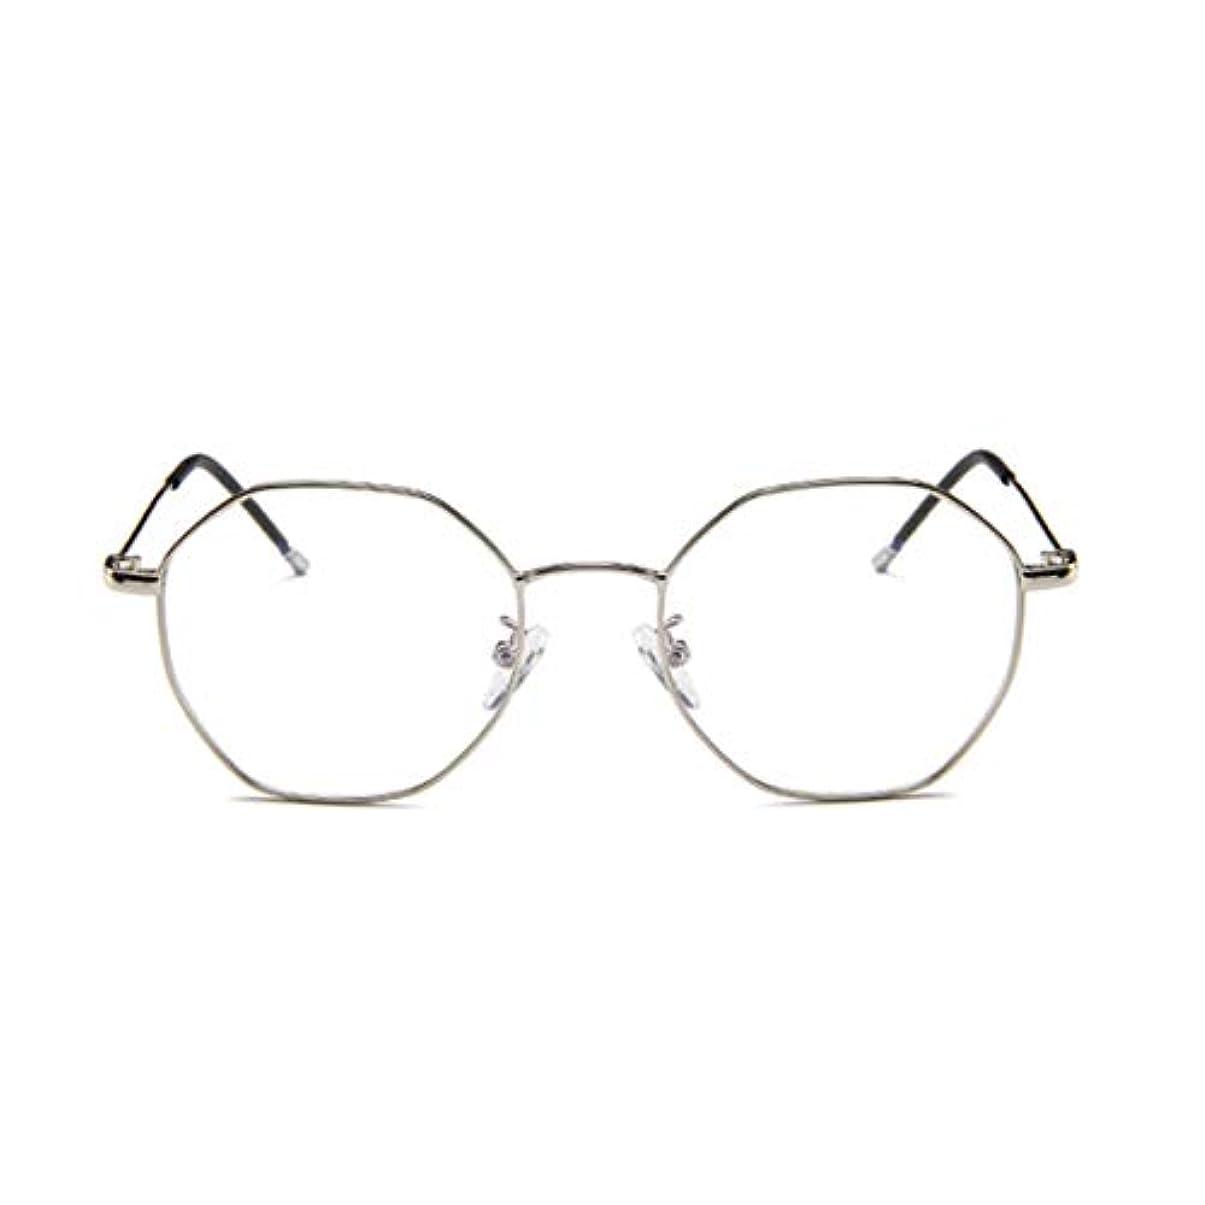 エスカレート仮定、想定。推測リマファッションメガネ近視多角形フレーム韓国語版金属フレーム男性と女性のための不規則なフラットグラス-スライバー